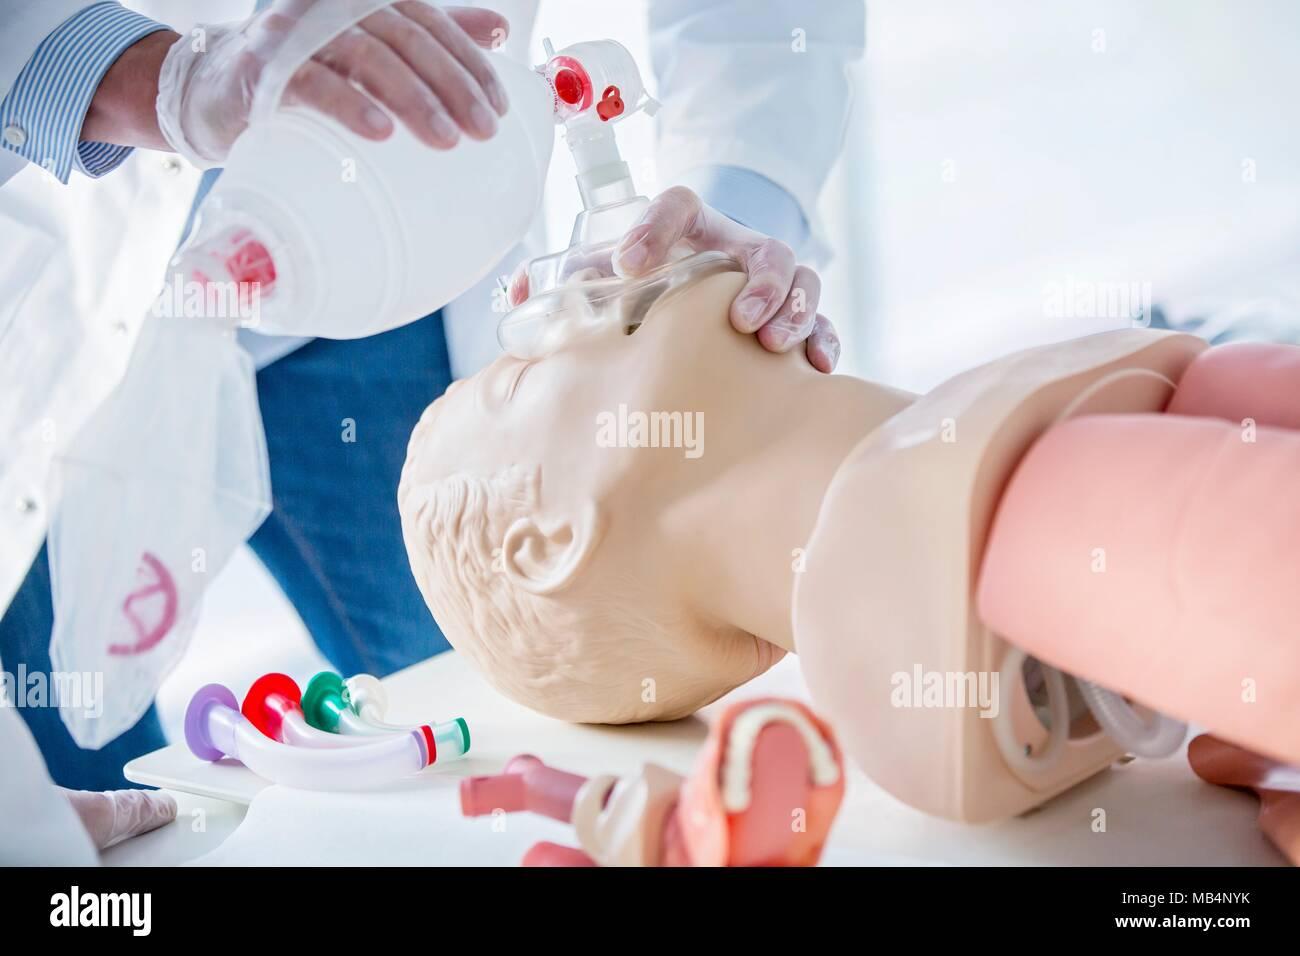 Praktizierender Arzt Tasche - Ventil - maskenbeatmung auf einer trainingspuppe. Stockbild